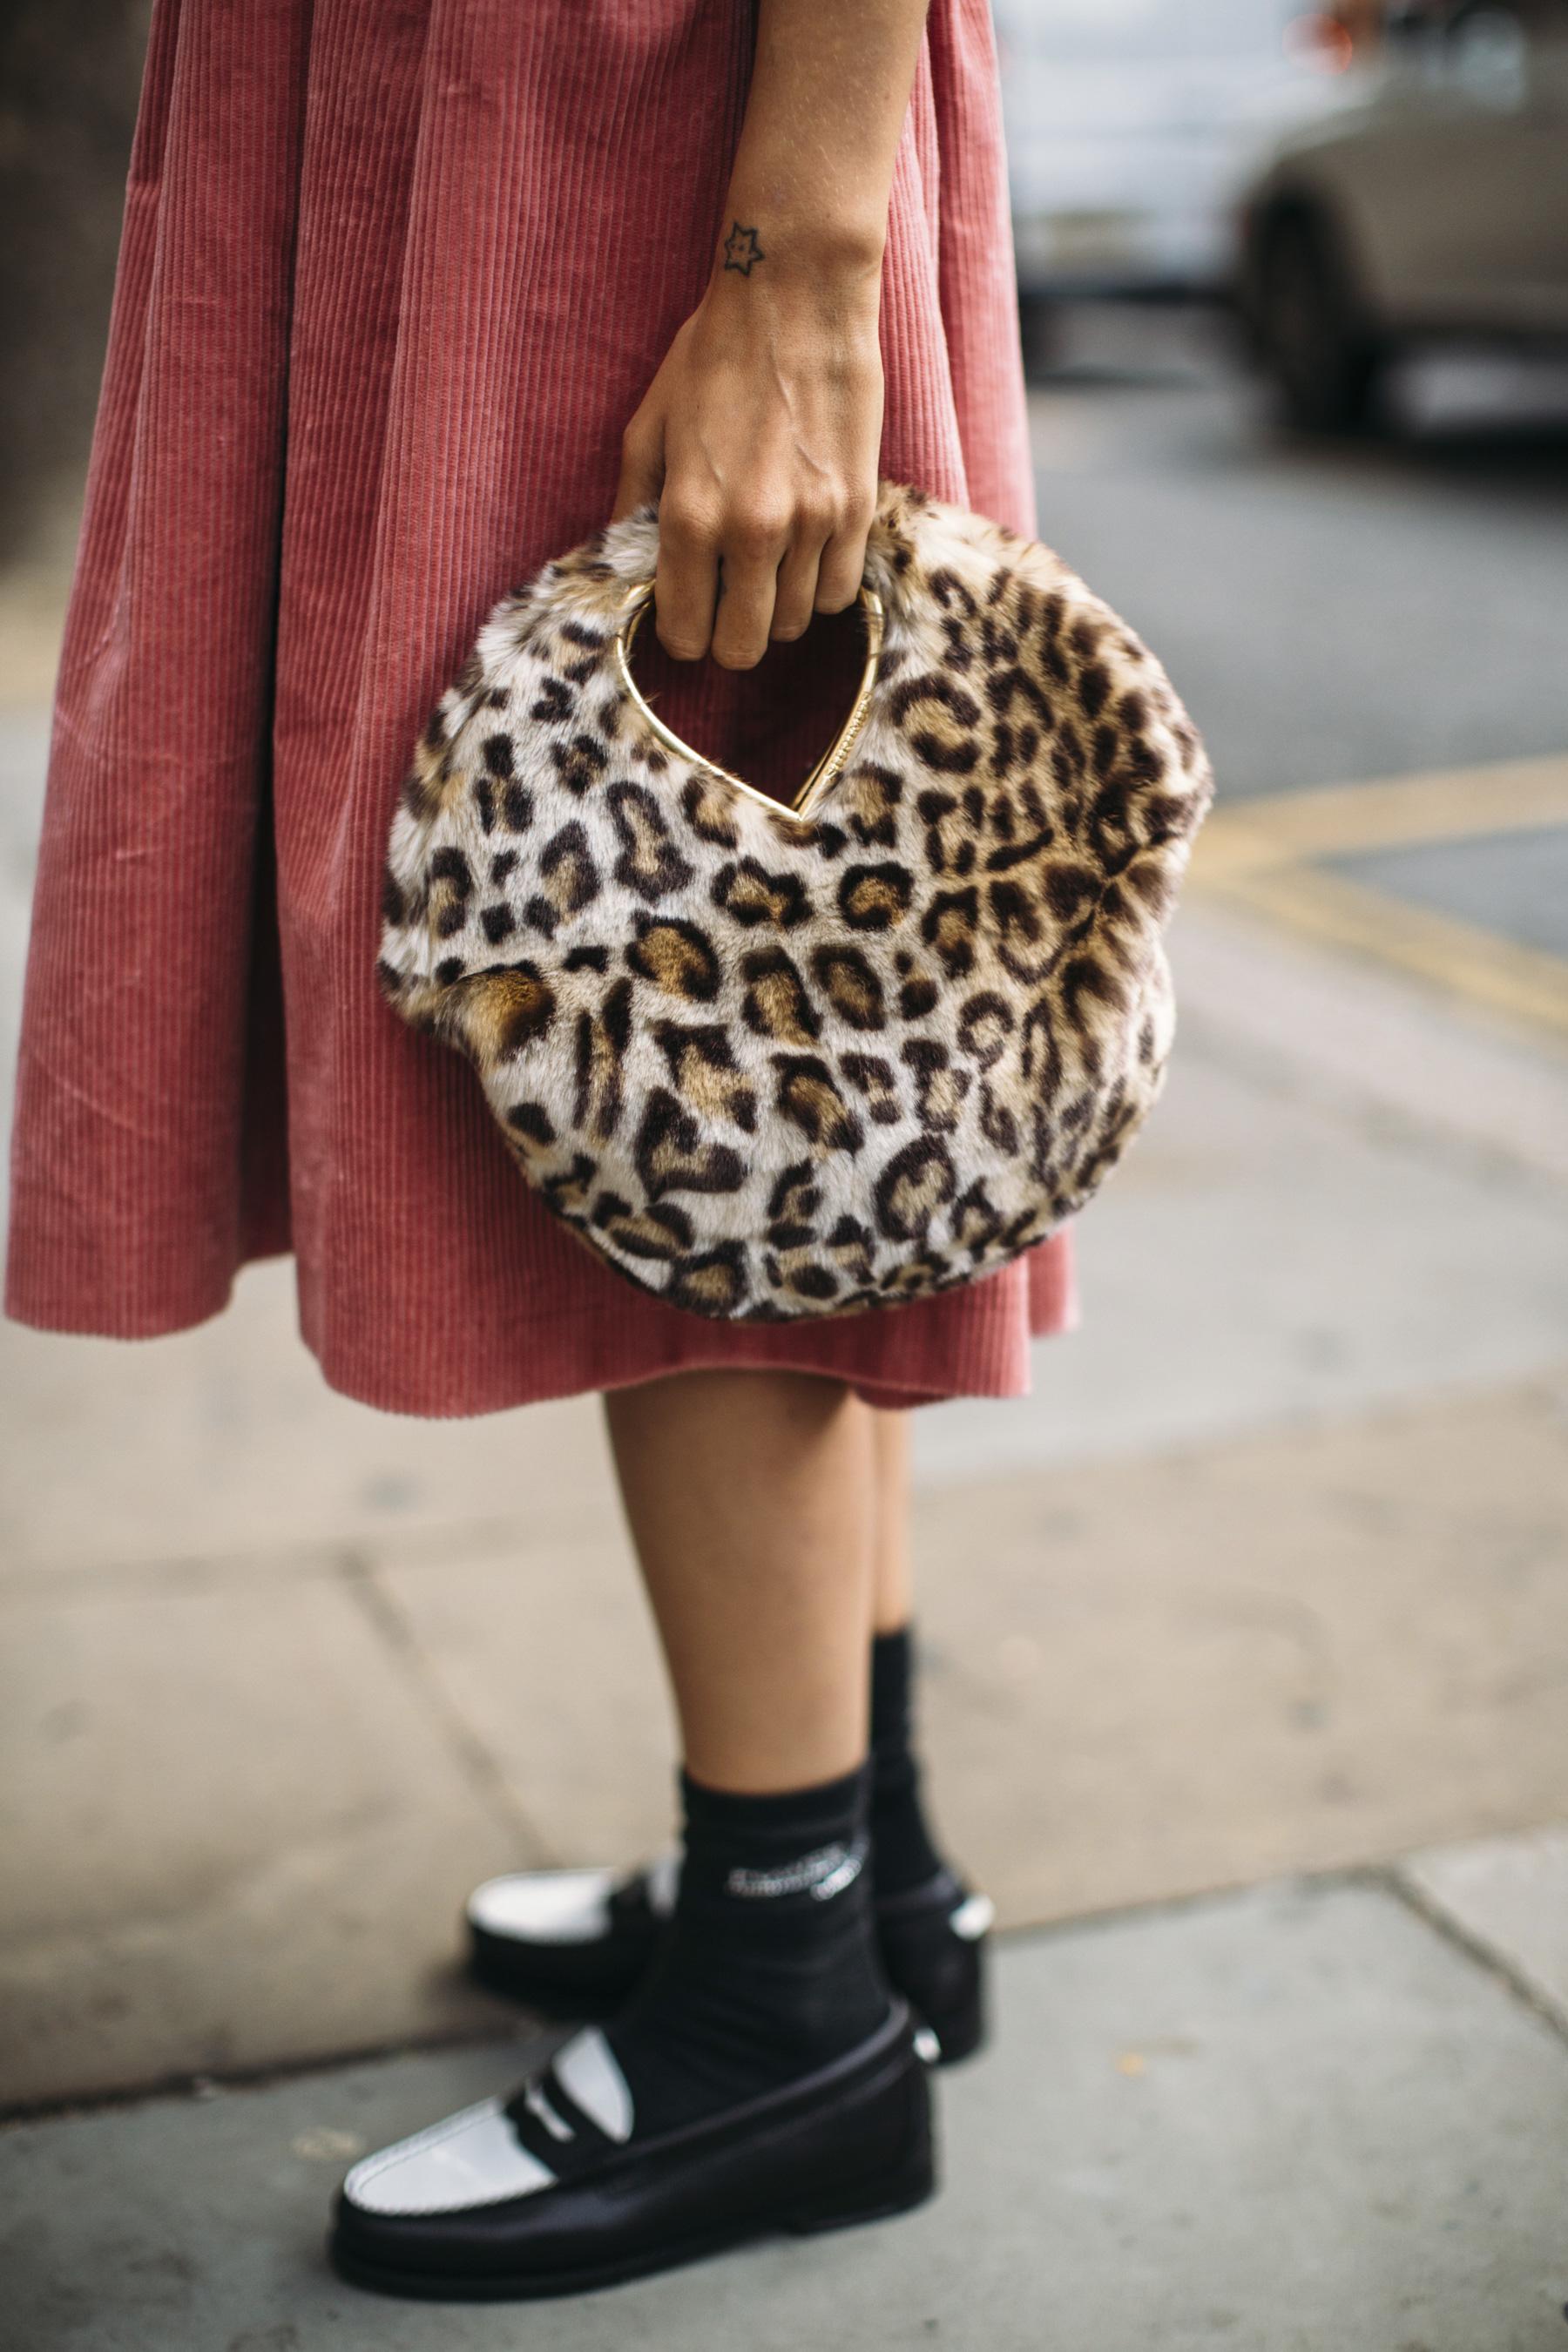 O Marc Jacobs έβγαλε σειρά μακιγιάζ με leopard packaging! | tlife.gr